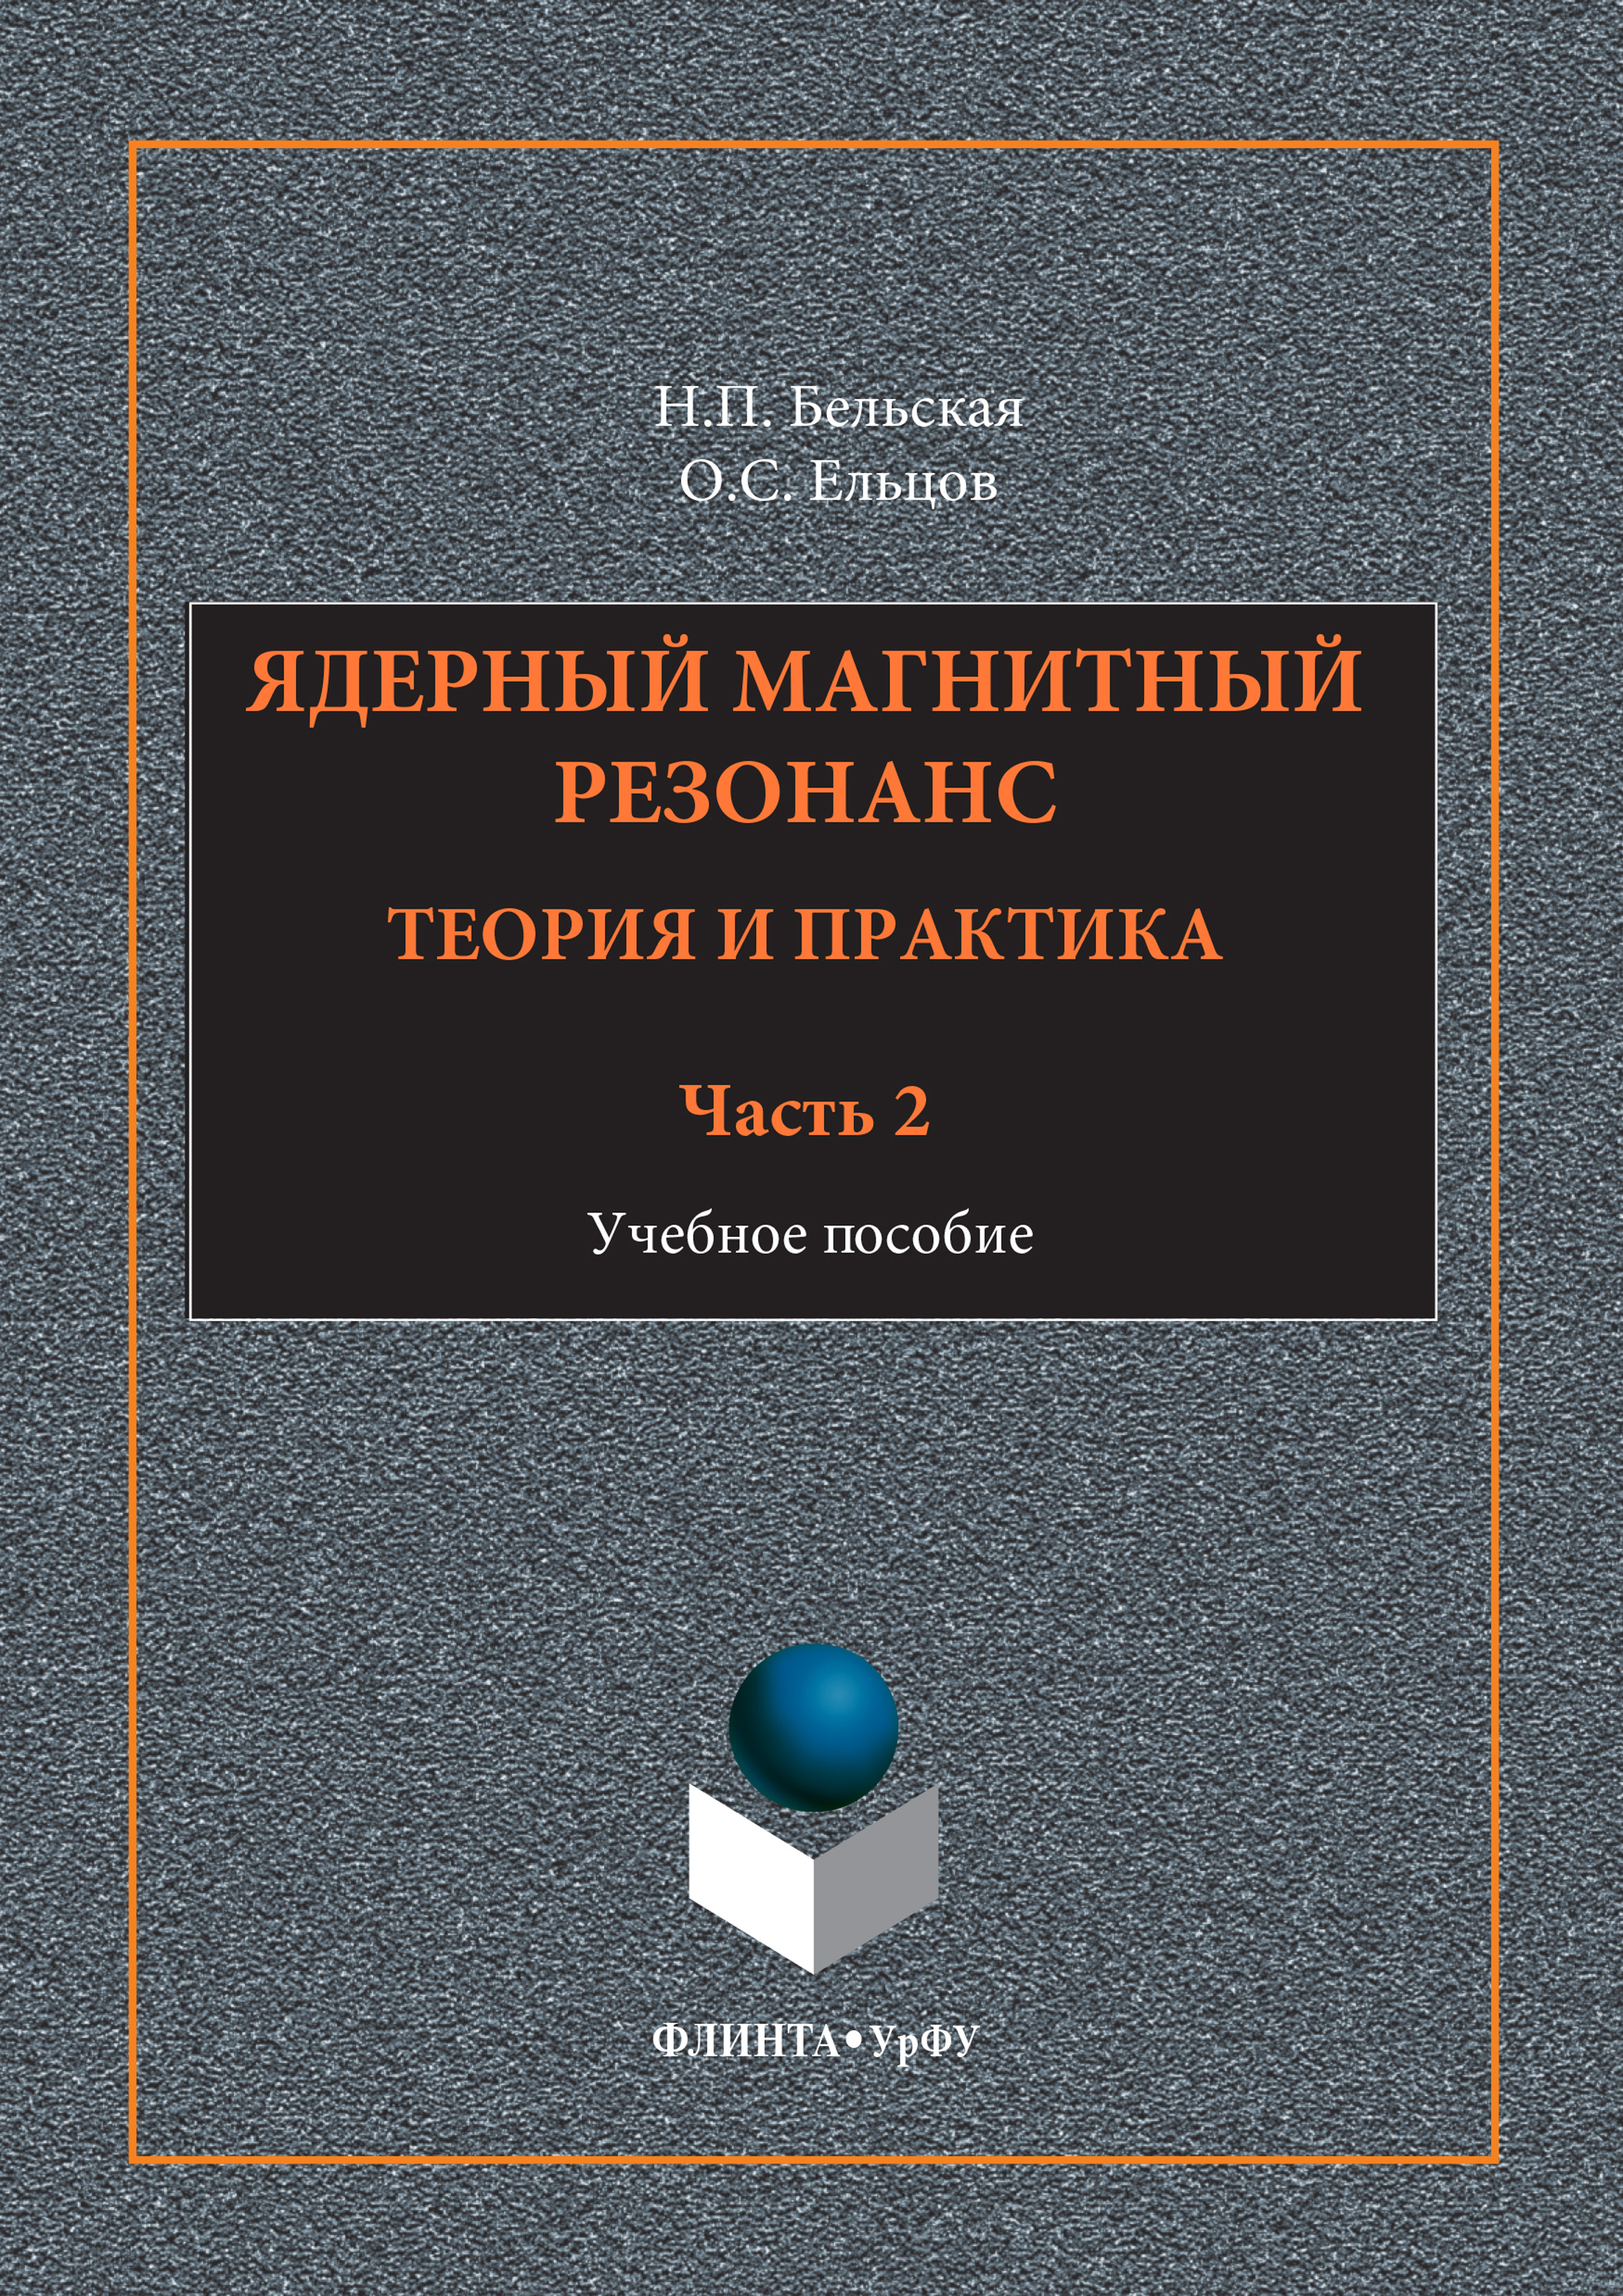 Н. П. Бельская Ядерный магнитный резонанс. Теория и практика. Учебное пособие. Часть 2 sodom